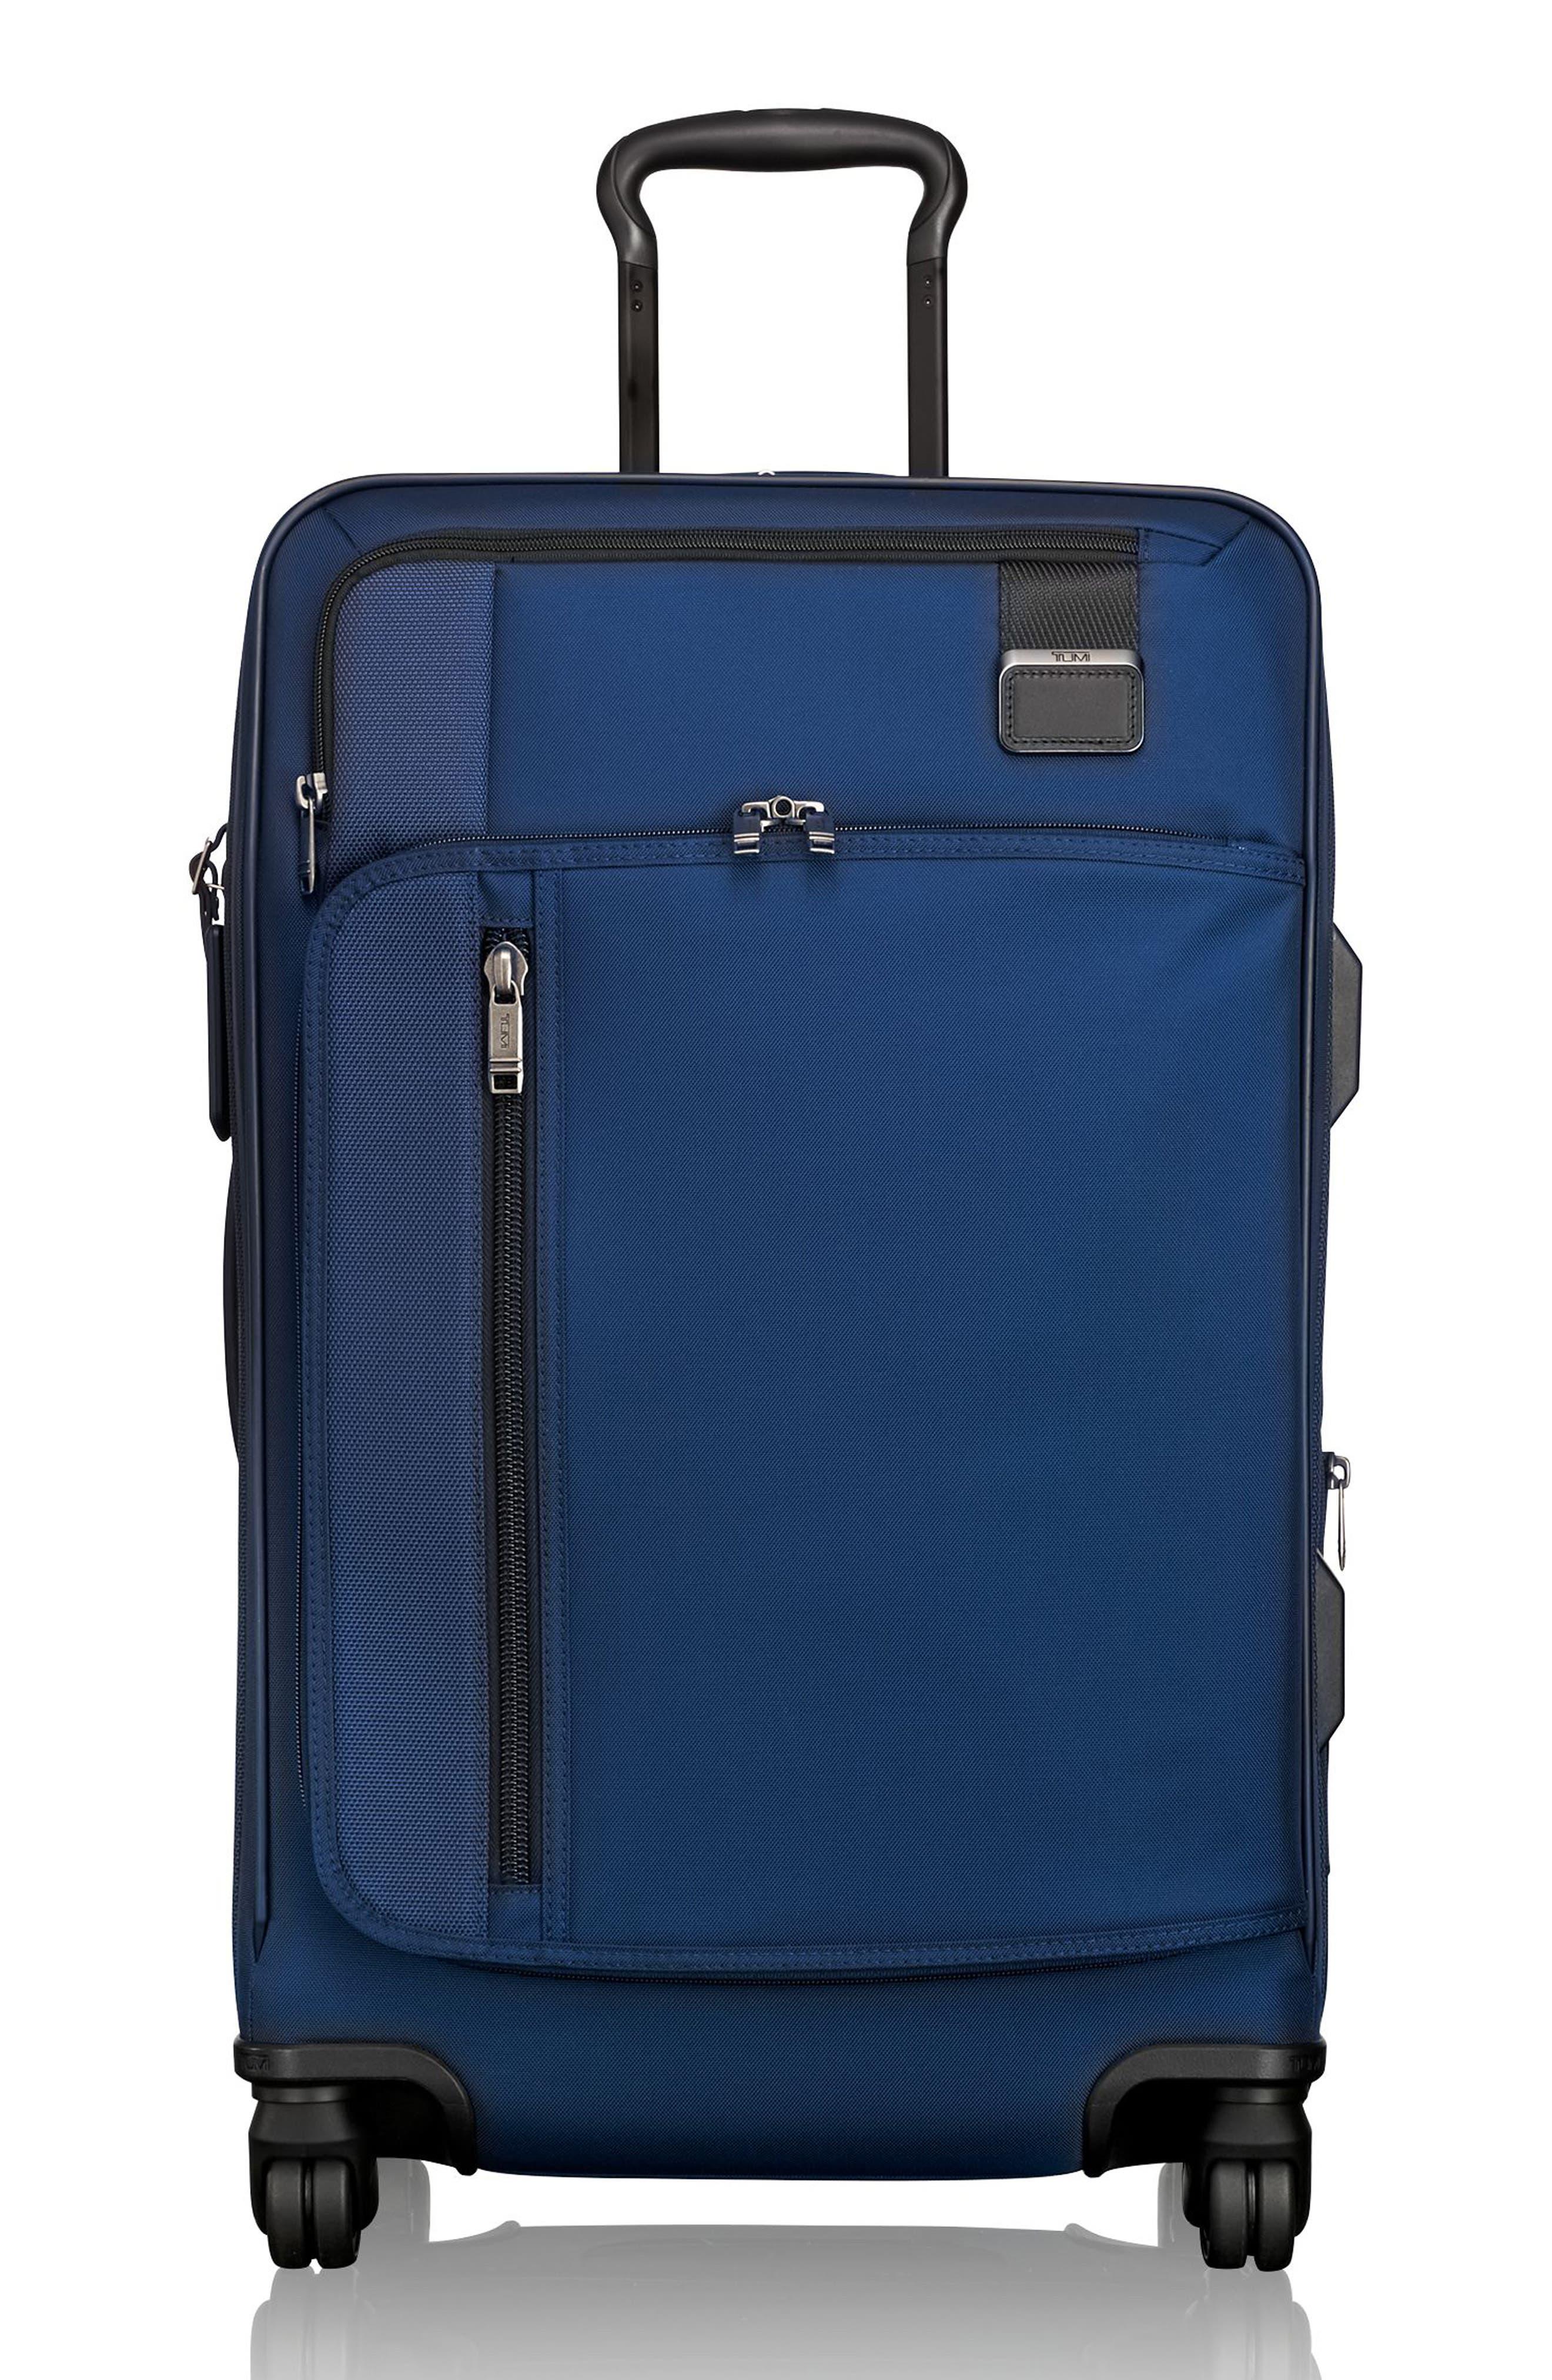 Merge - Short Trip Expandable Rolling Suitcase,                         Main,                         color, OCEAN BLUE